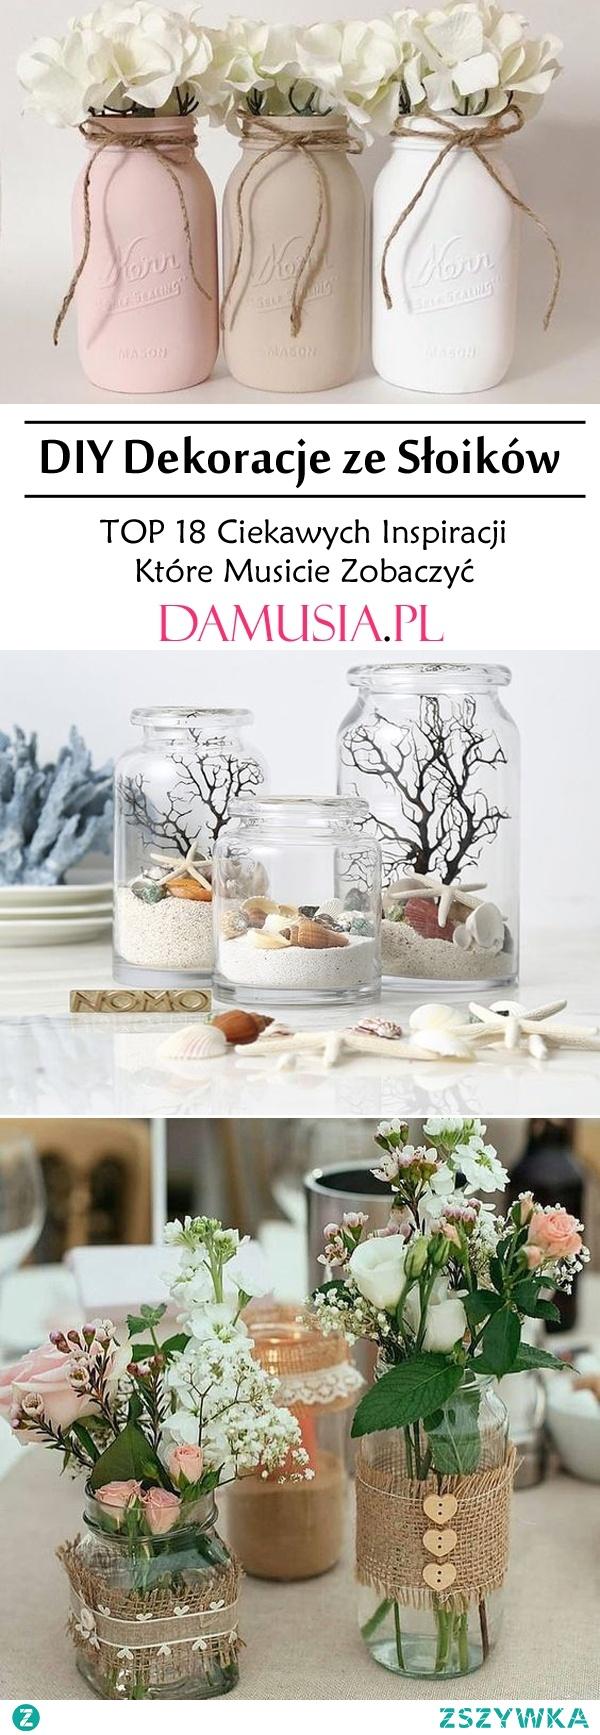 DIY Dekoracje ze Słoików